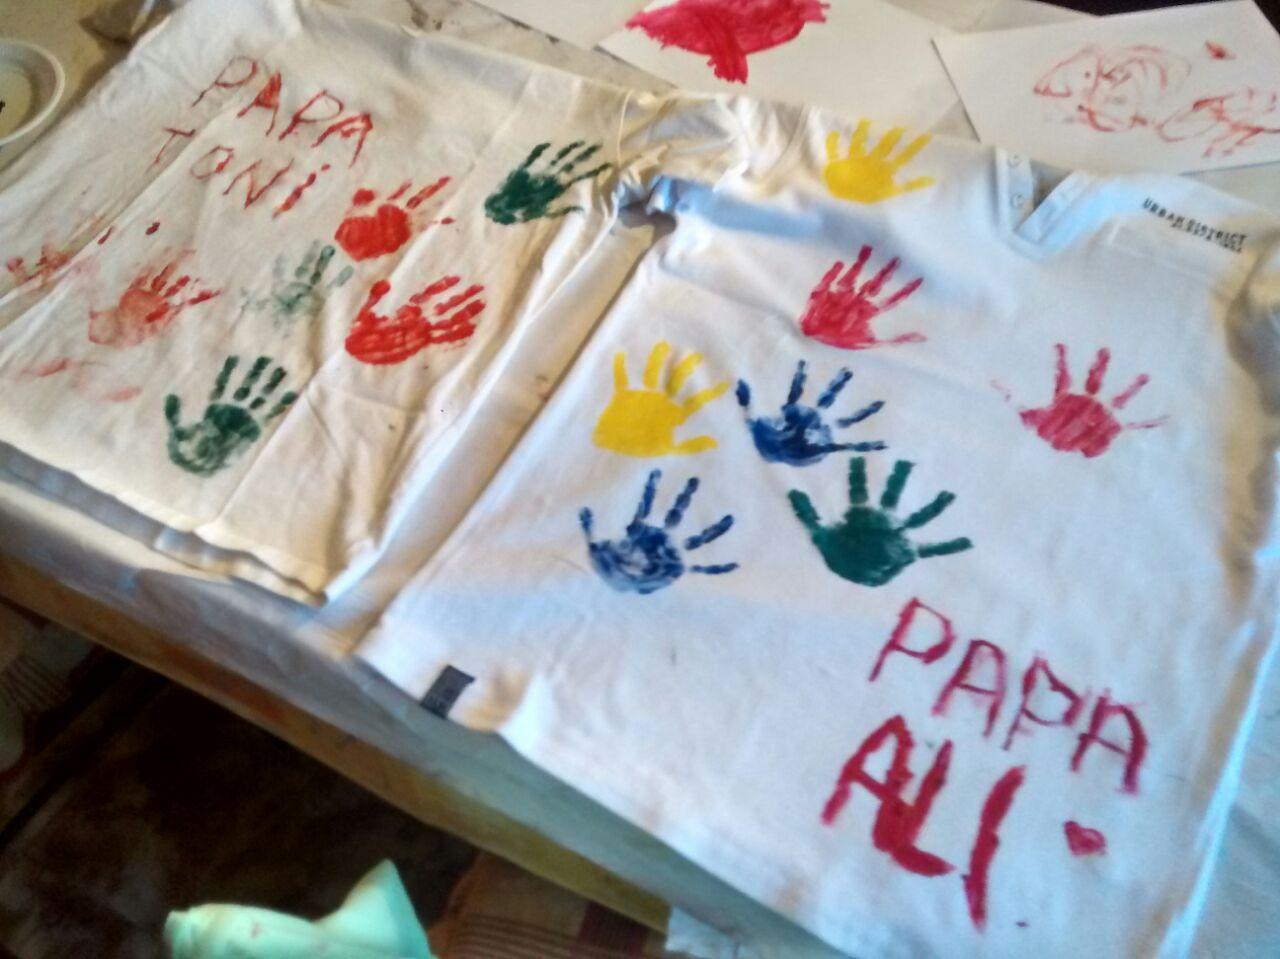 Pintar con manos alba pons - Ninos pintando con las manos ...